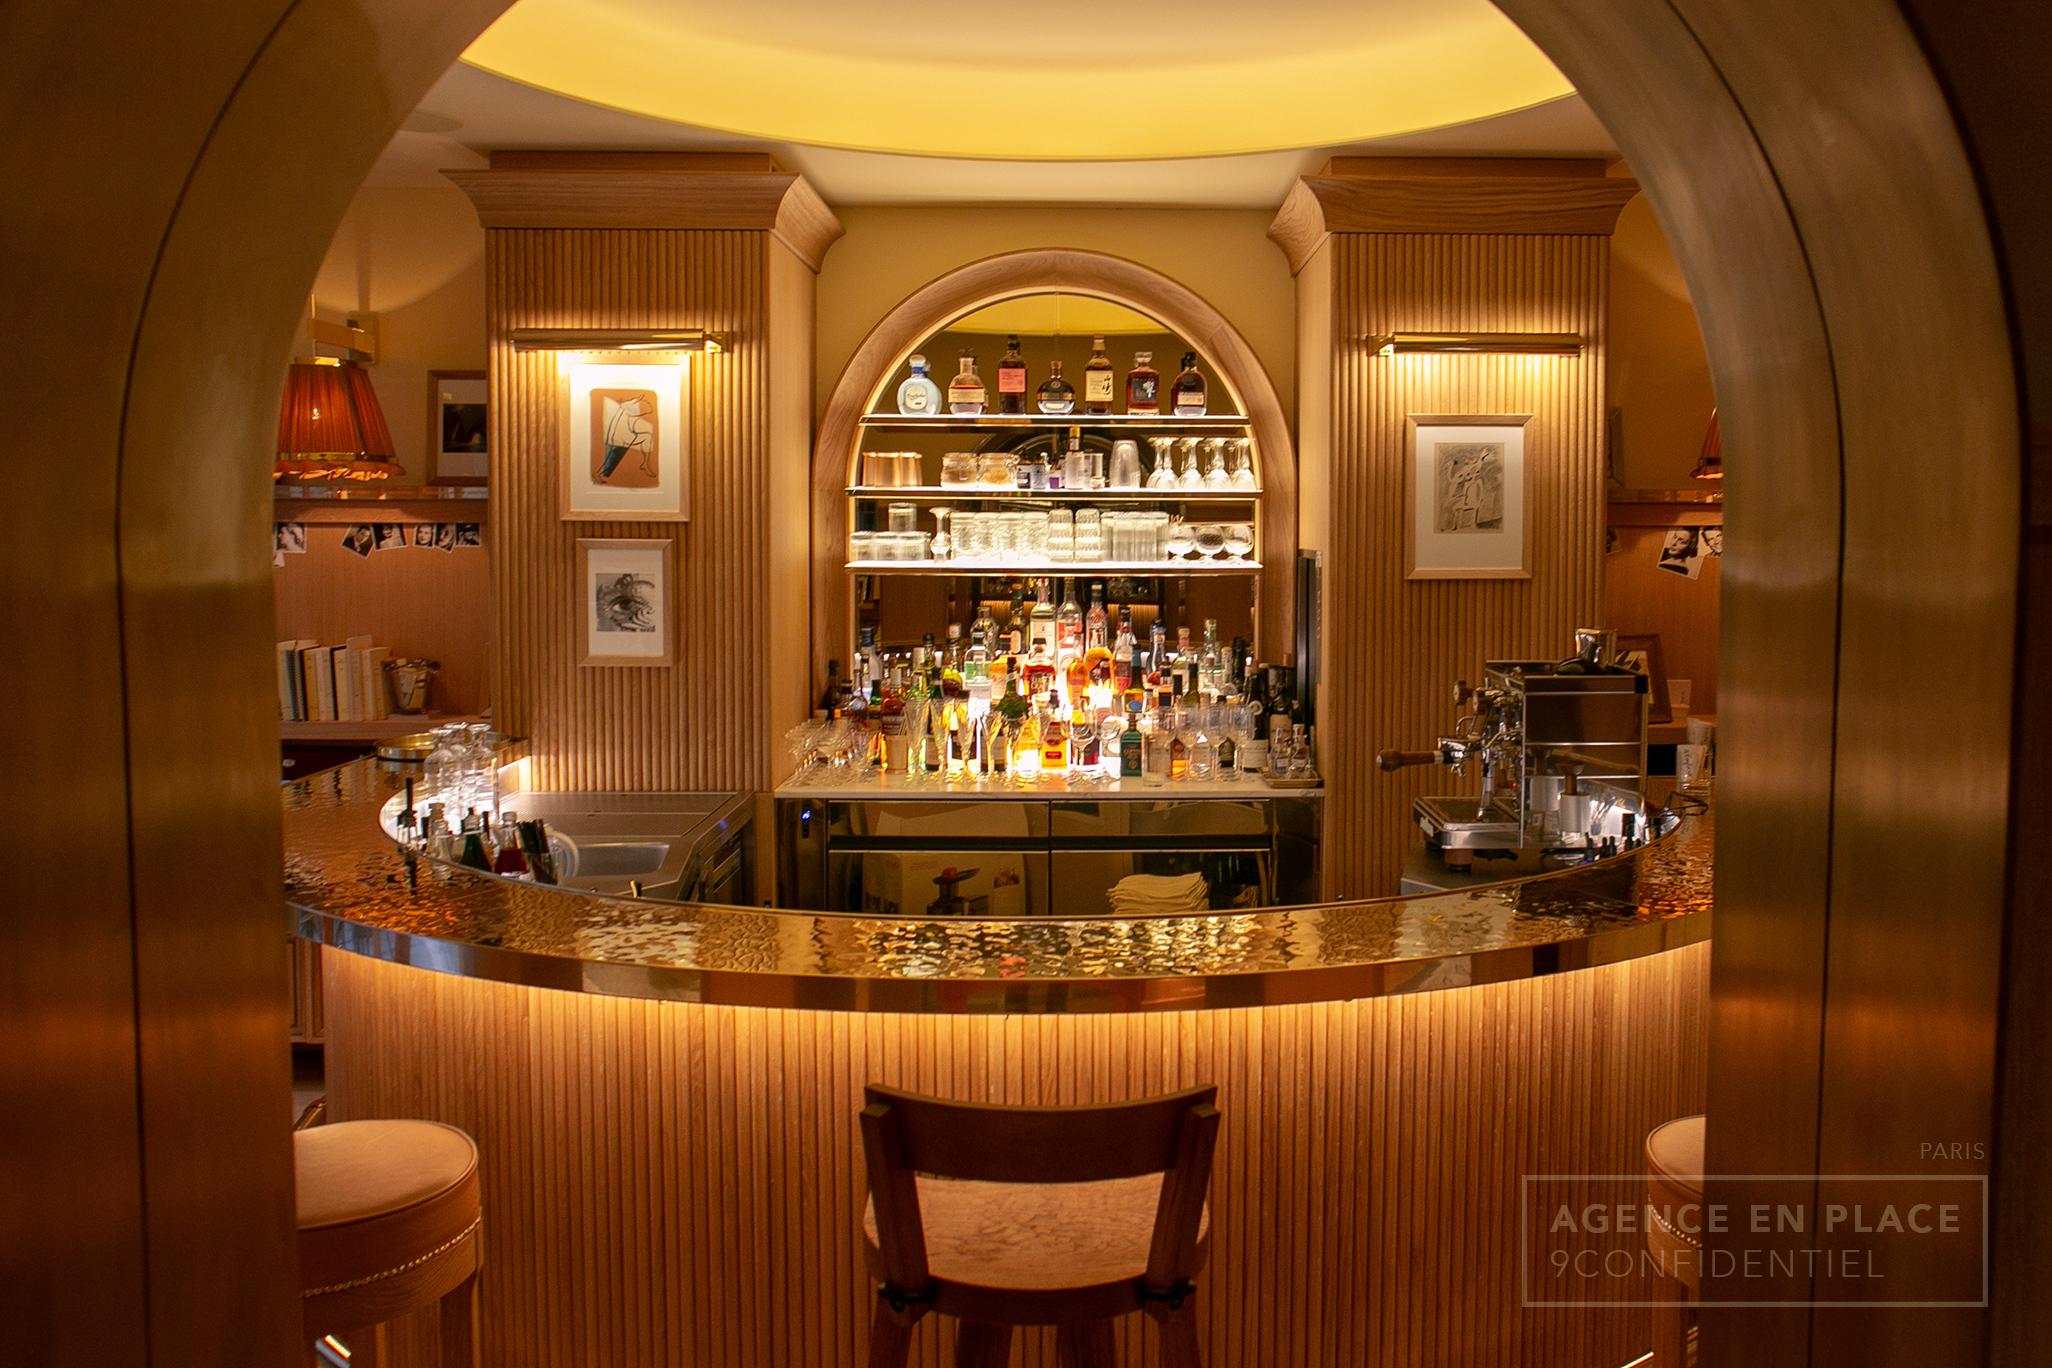 Amenagement De Bar Professionnel hôtel 9confidentiel - paris - agence en place